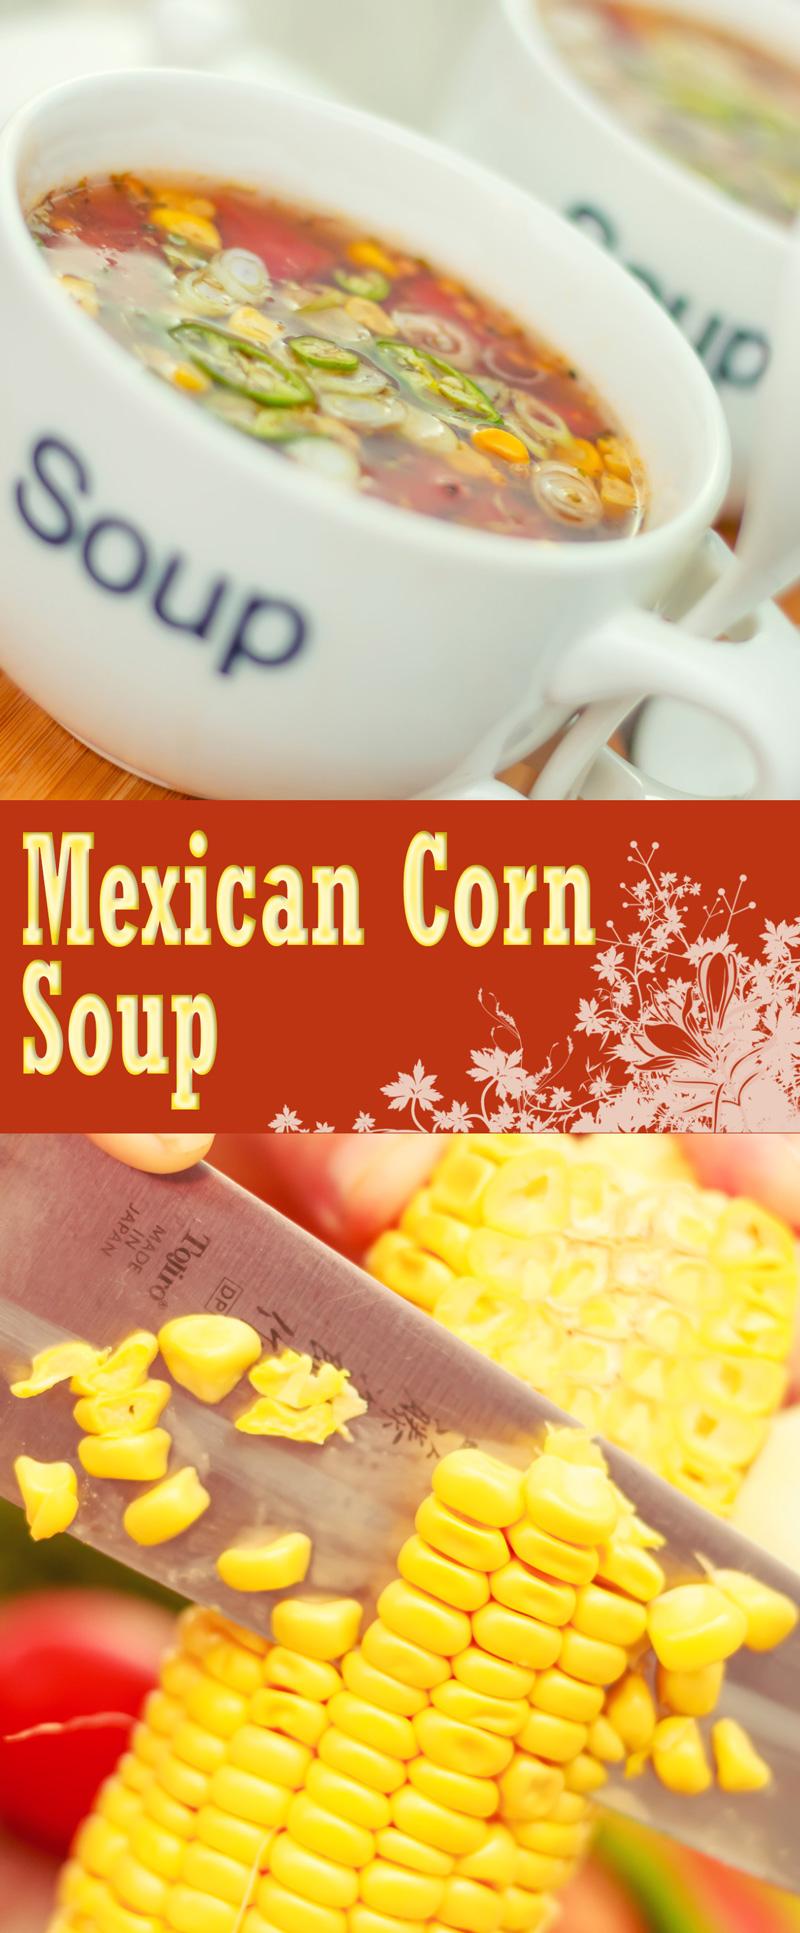 Mexican Tomato and Corn Soup | Krumpli